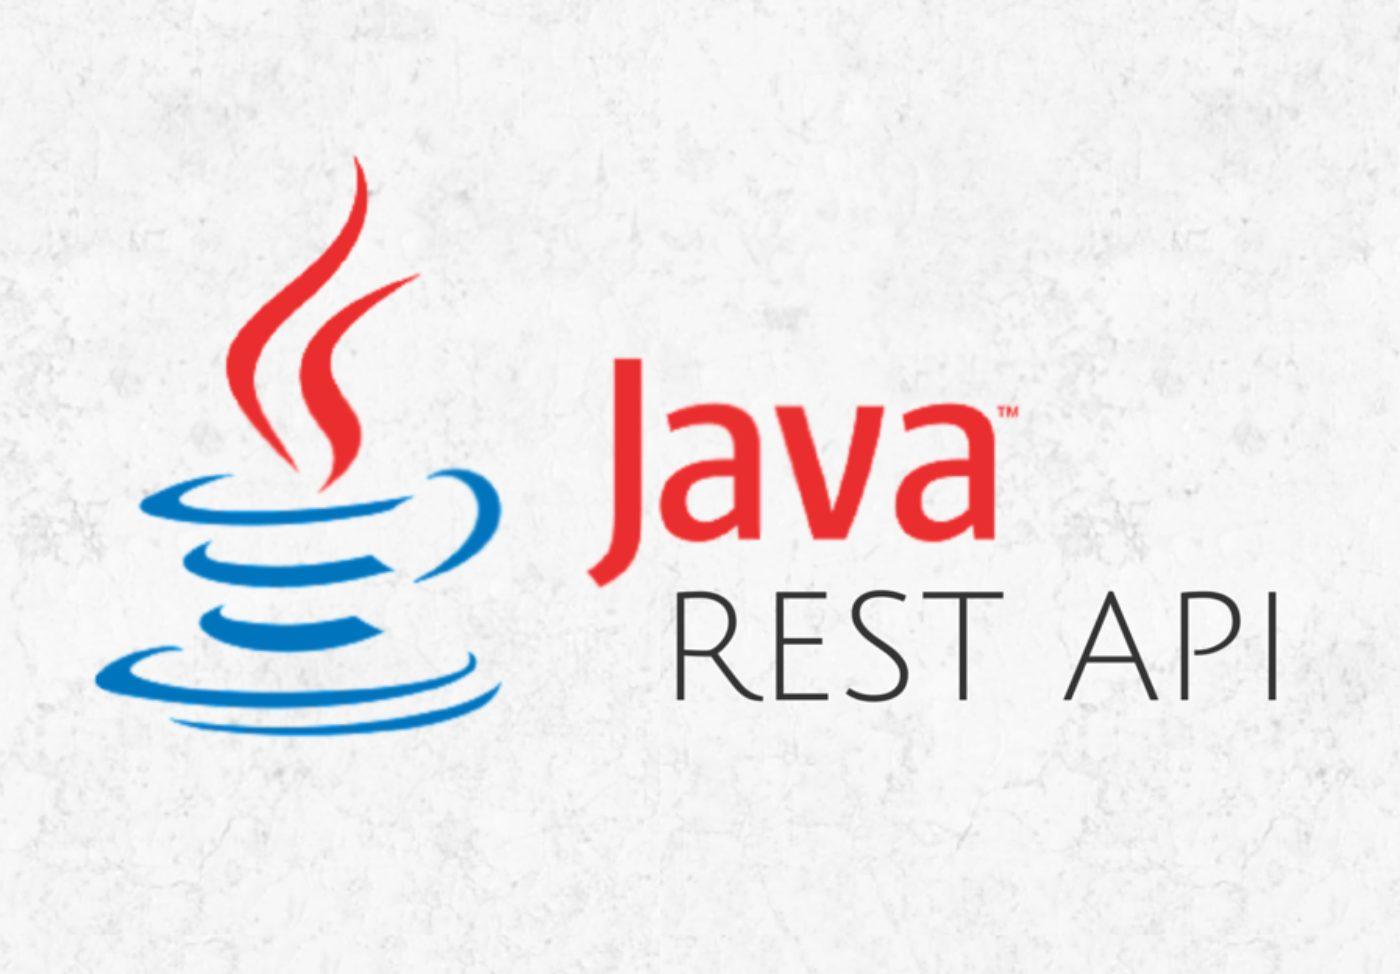 Вебинары: Автоматизация тестирования REST API на Java